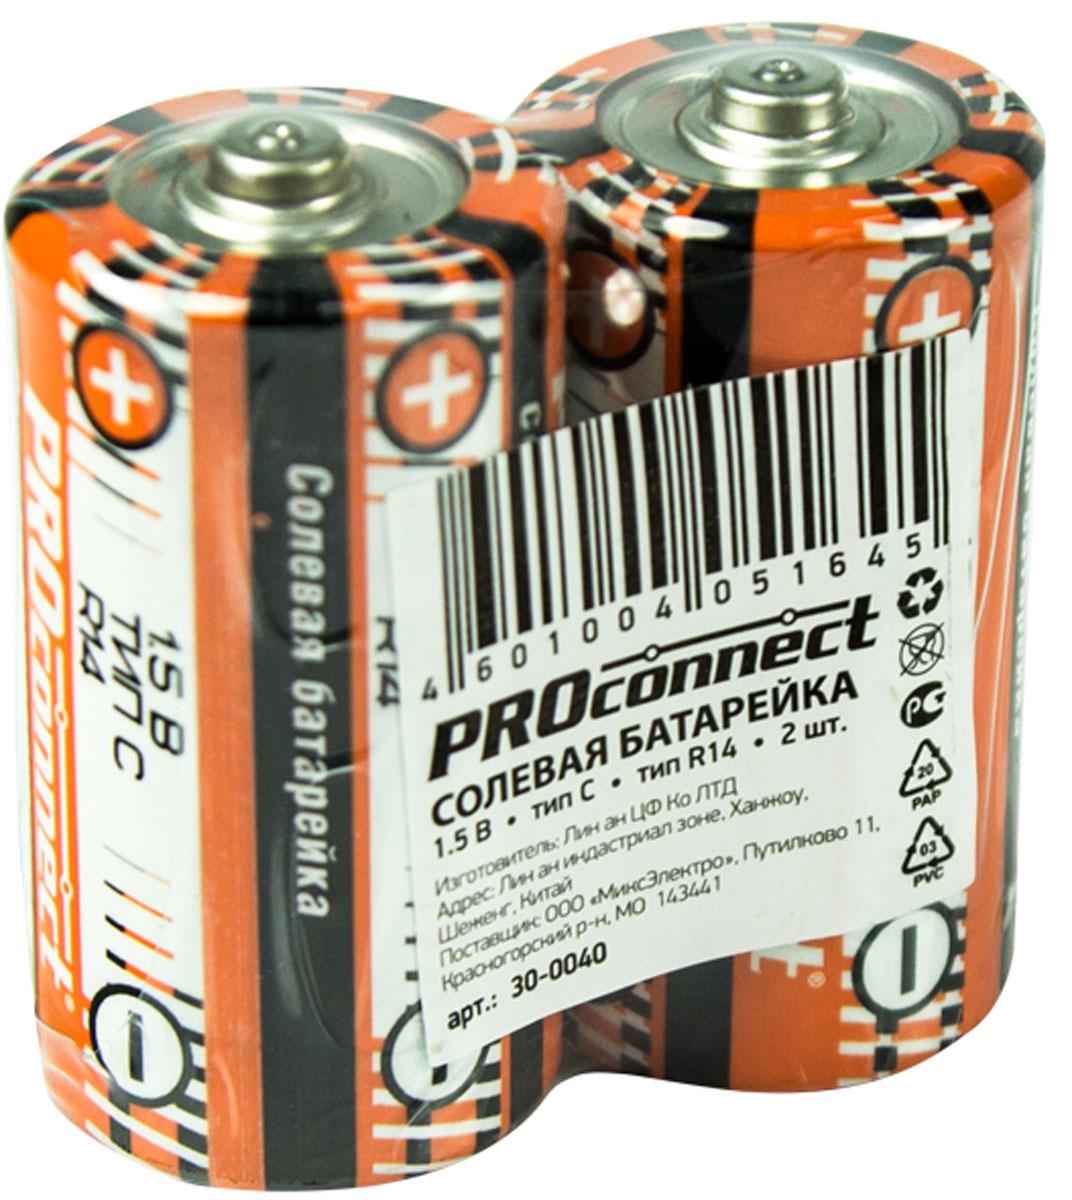 Батарейка солевая PROconnect, С тип R14, 2 шт30-0040Солевая батарейка предназначена для работы в устройствах с низким и средним потреблением тока.